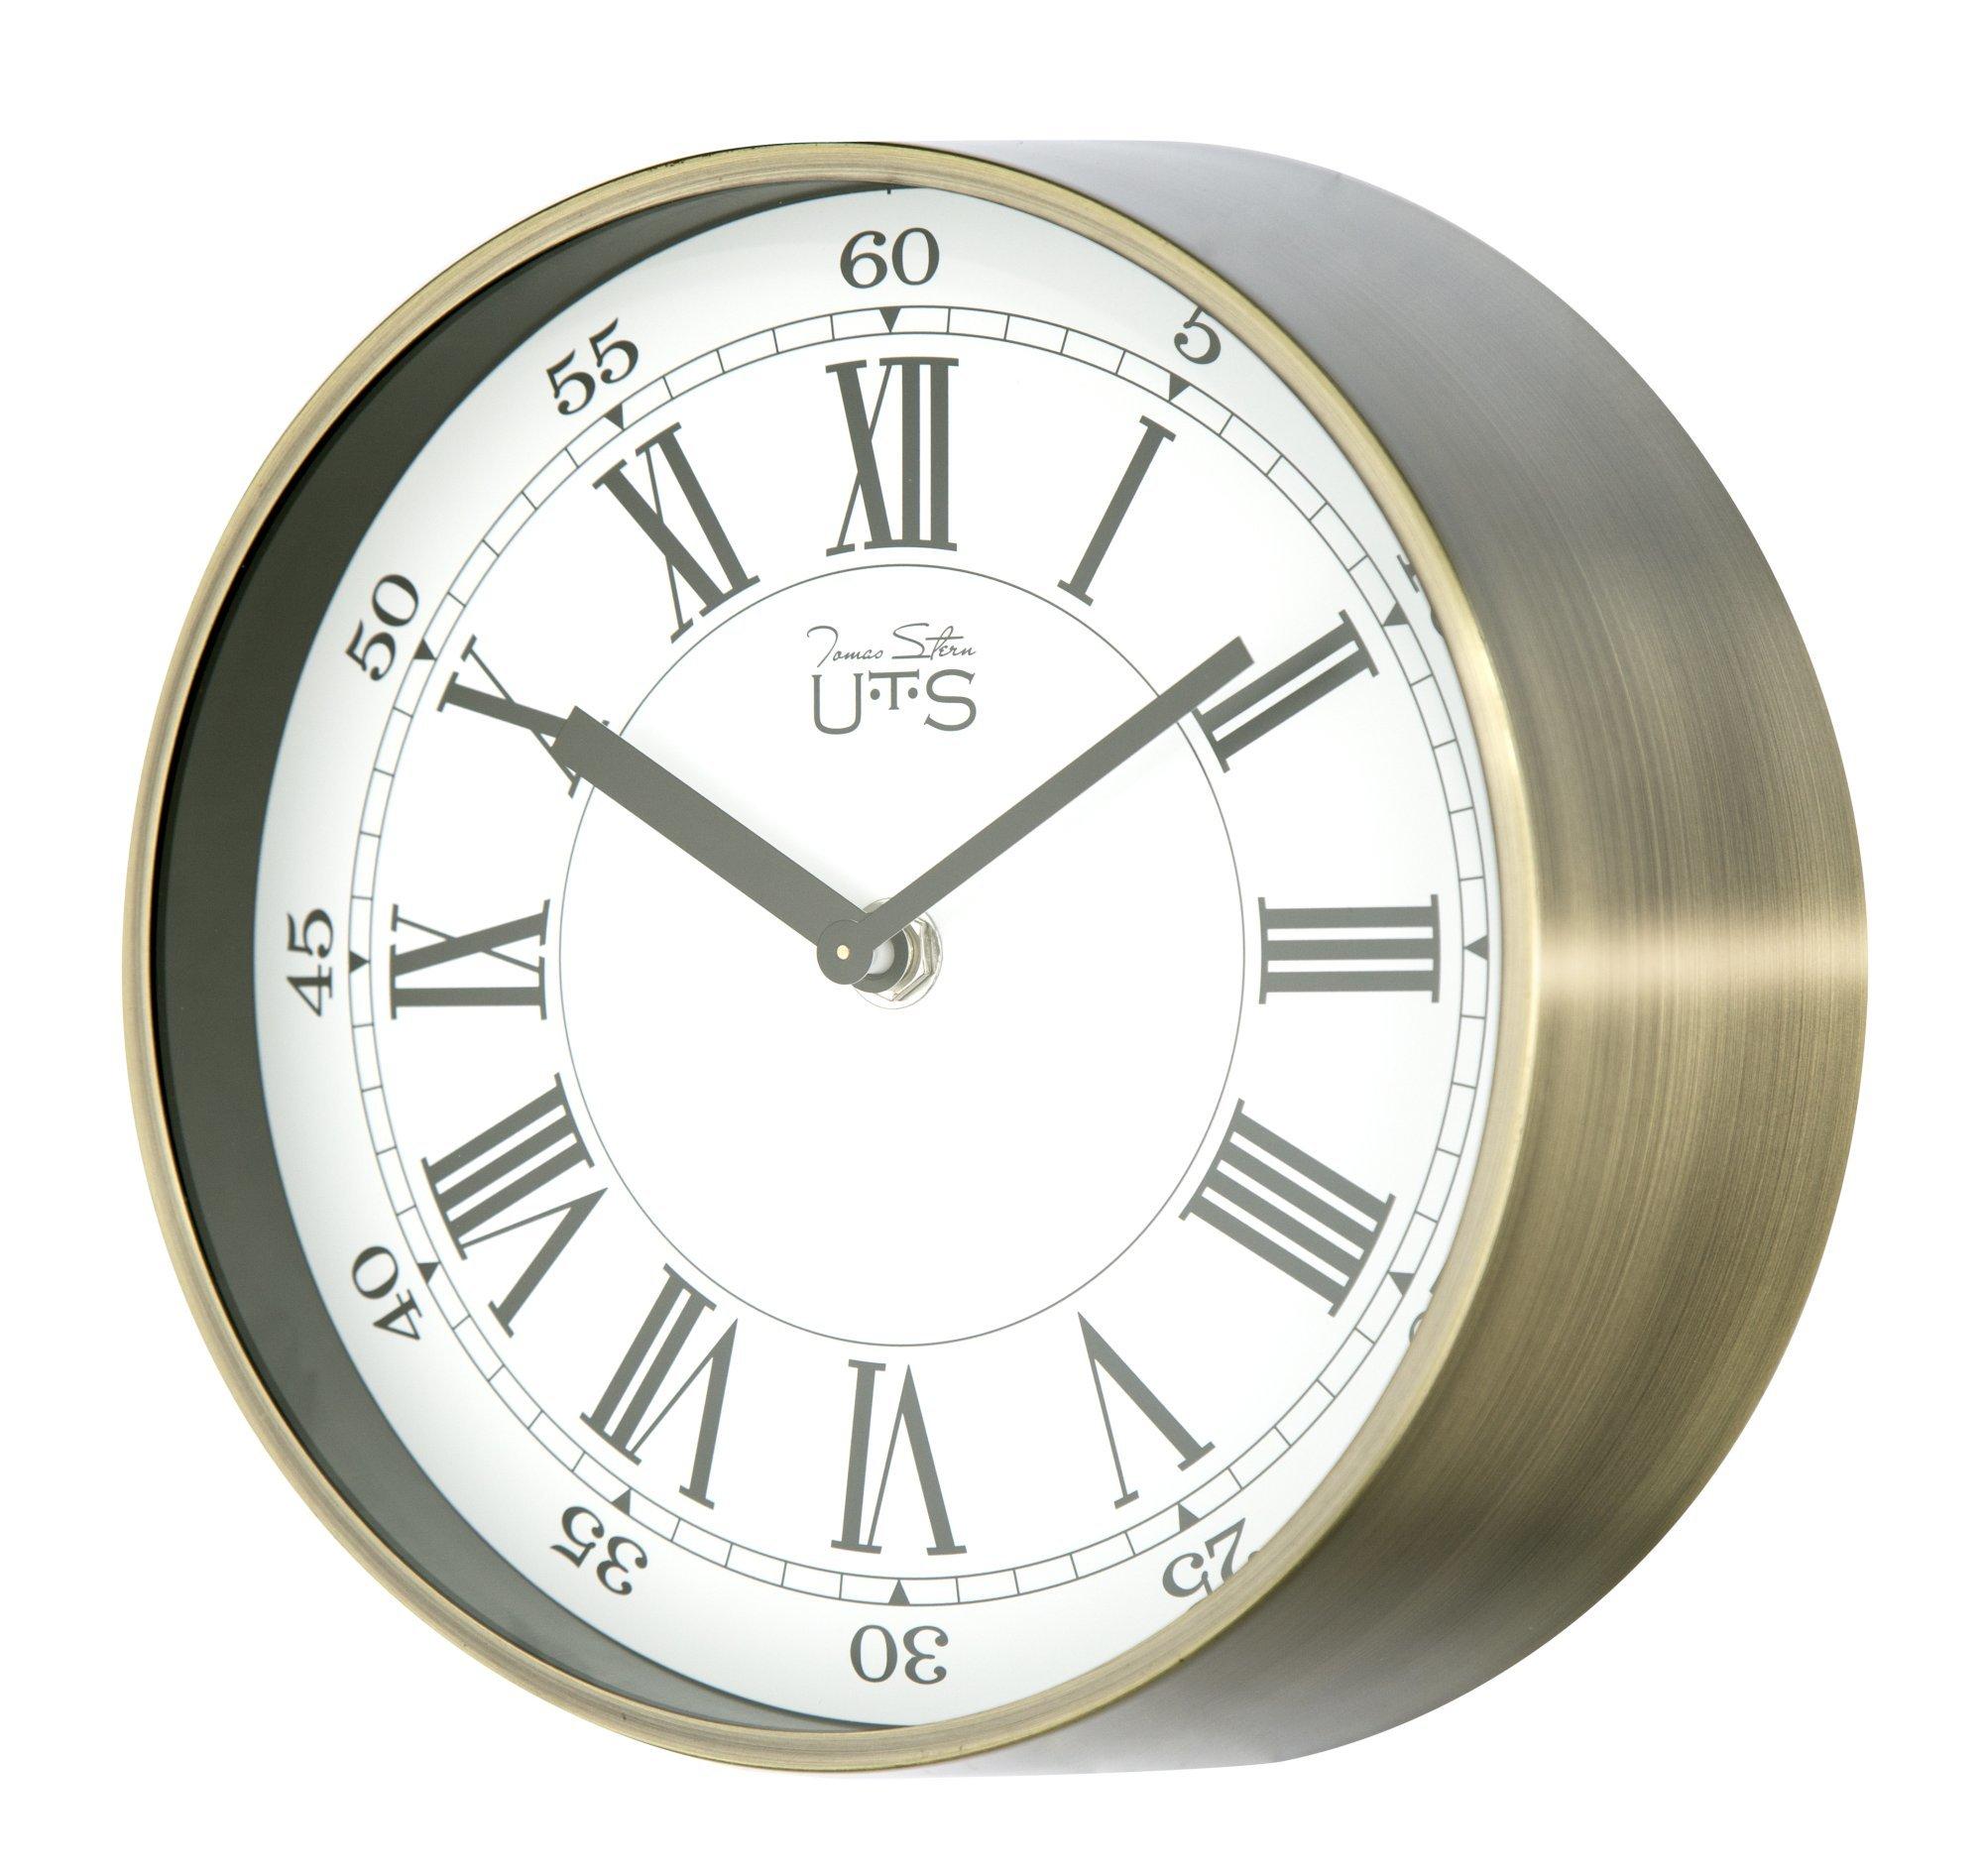 Часы настенные Часы настенные Tomas Stern 4015AG chasy-nastennye-tomas-stern-4015ag-germaniya.jpg